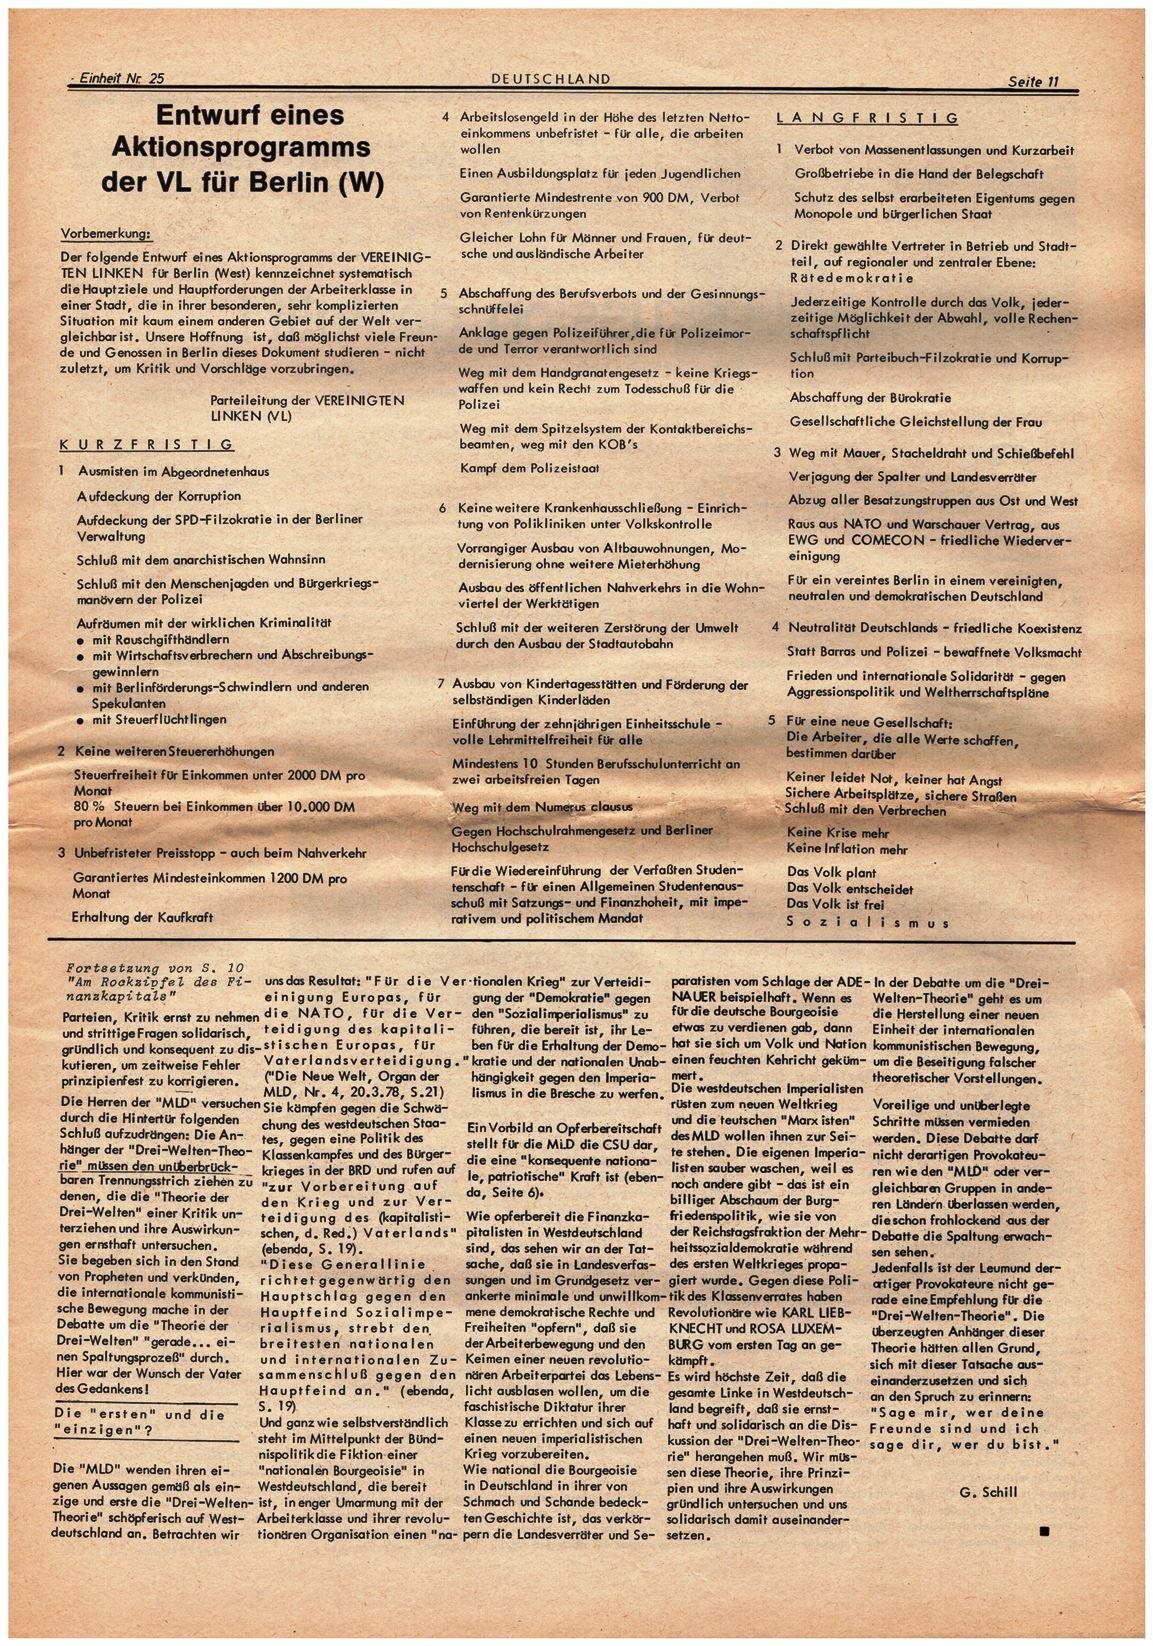 Koeln_IPdA_Einheit_1978_025_011